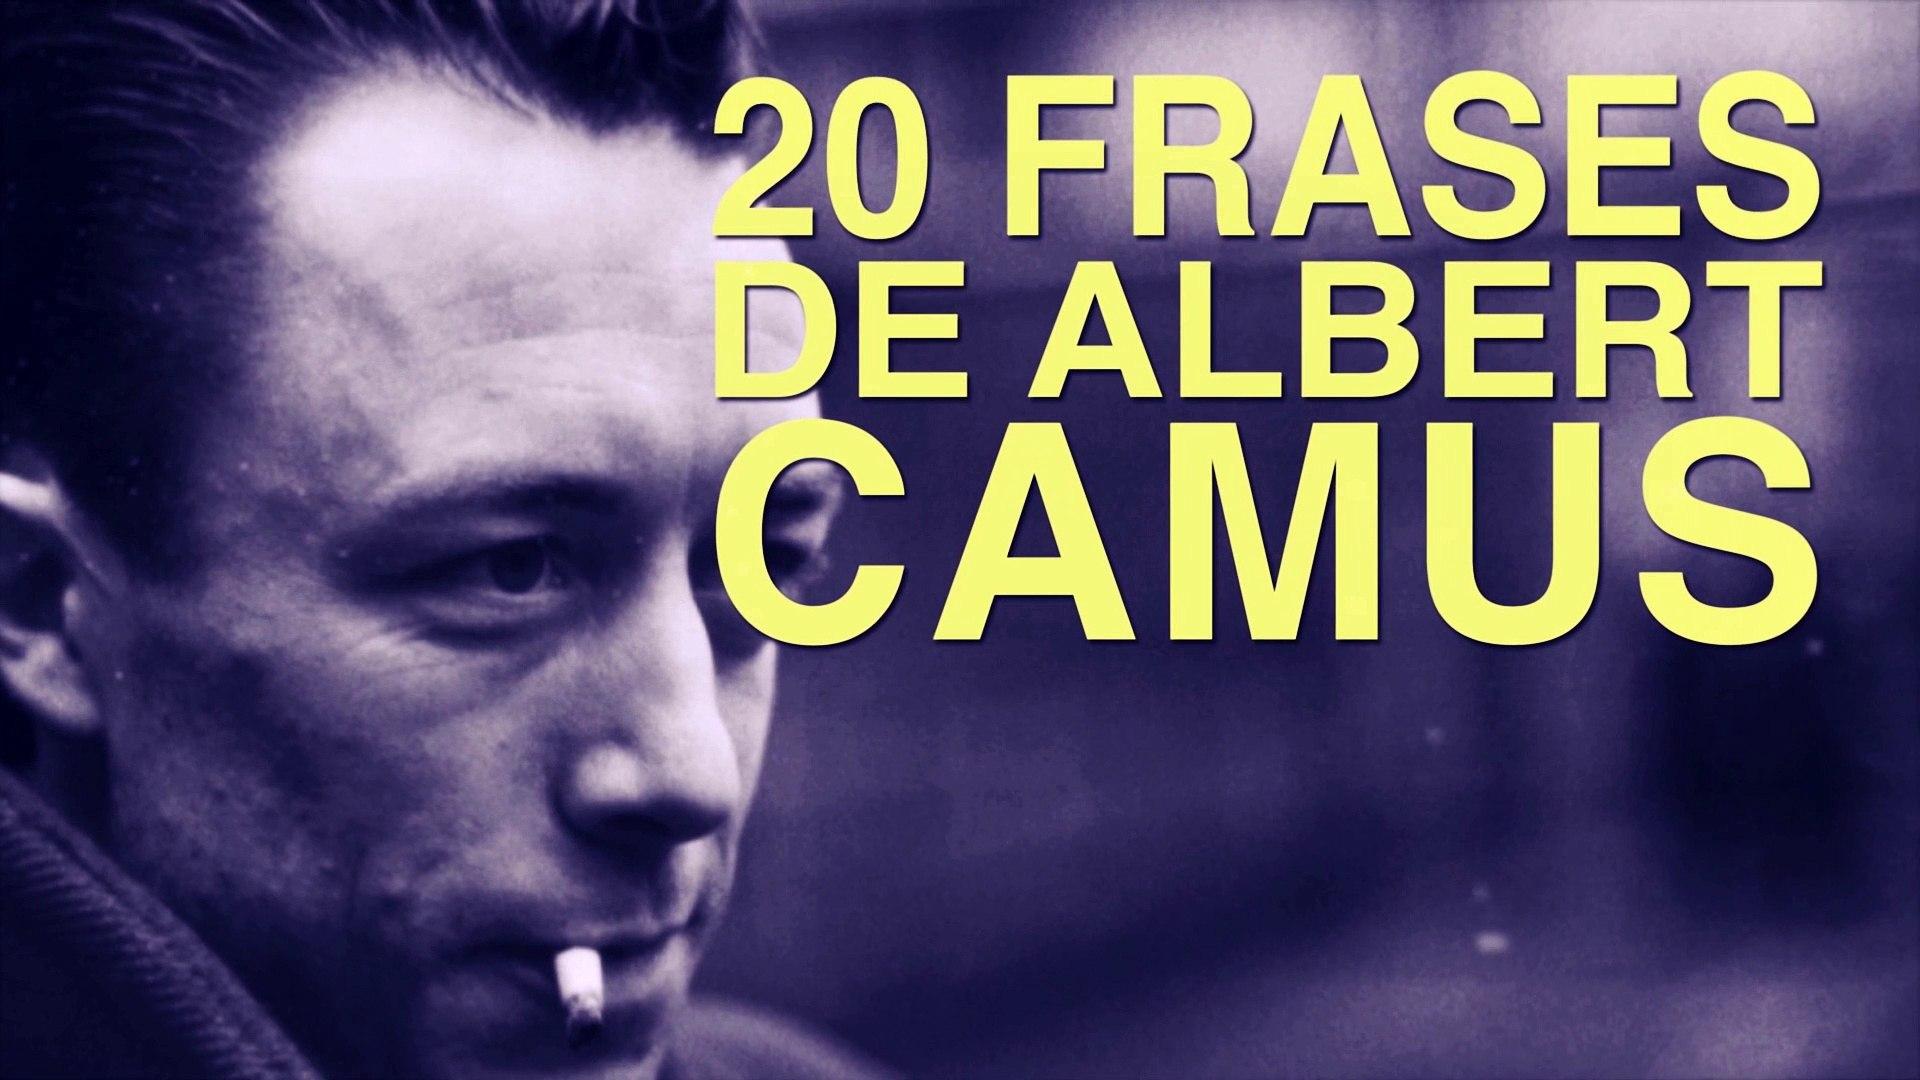 20 Frases De Albert Camus Y La Filosofía Del Absurdo